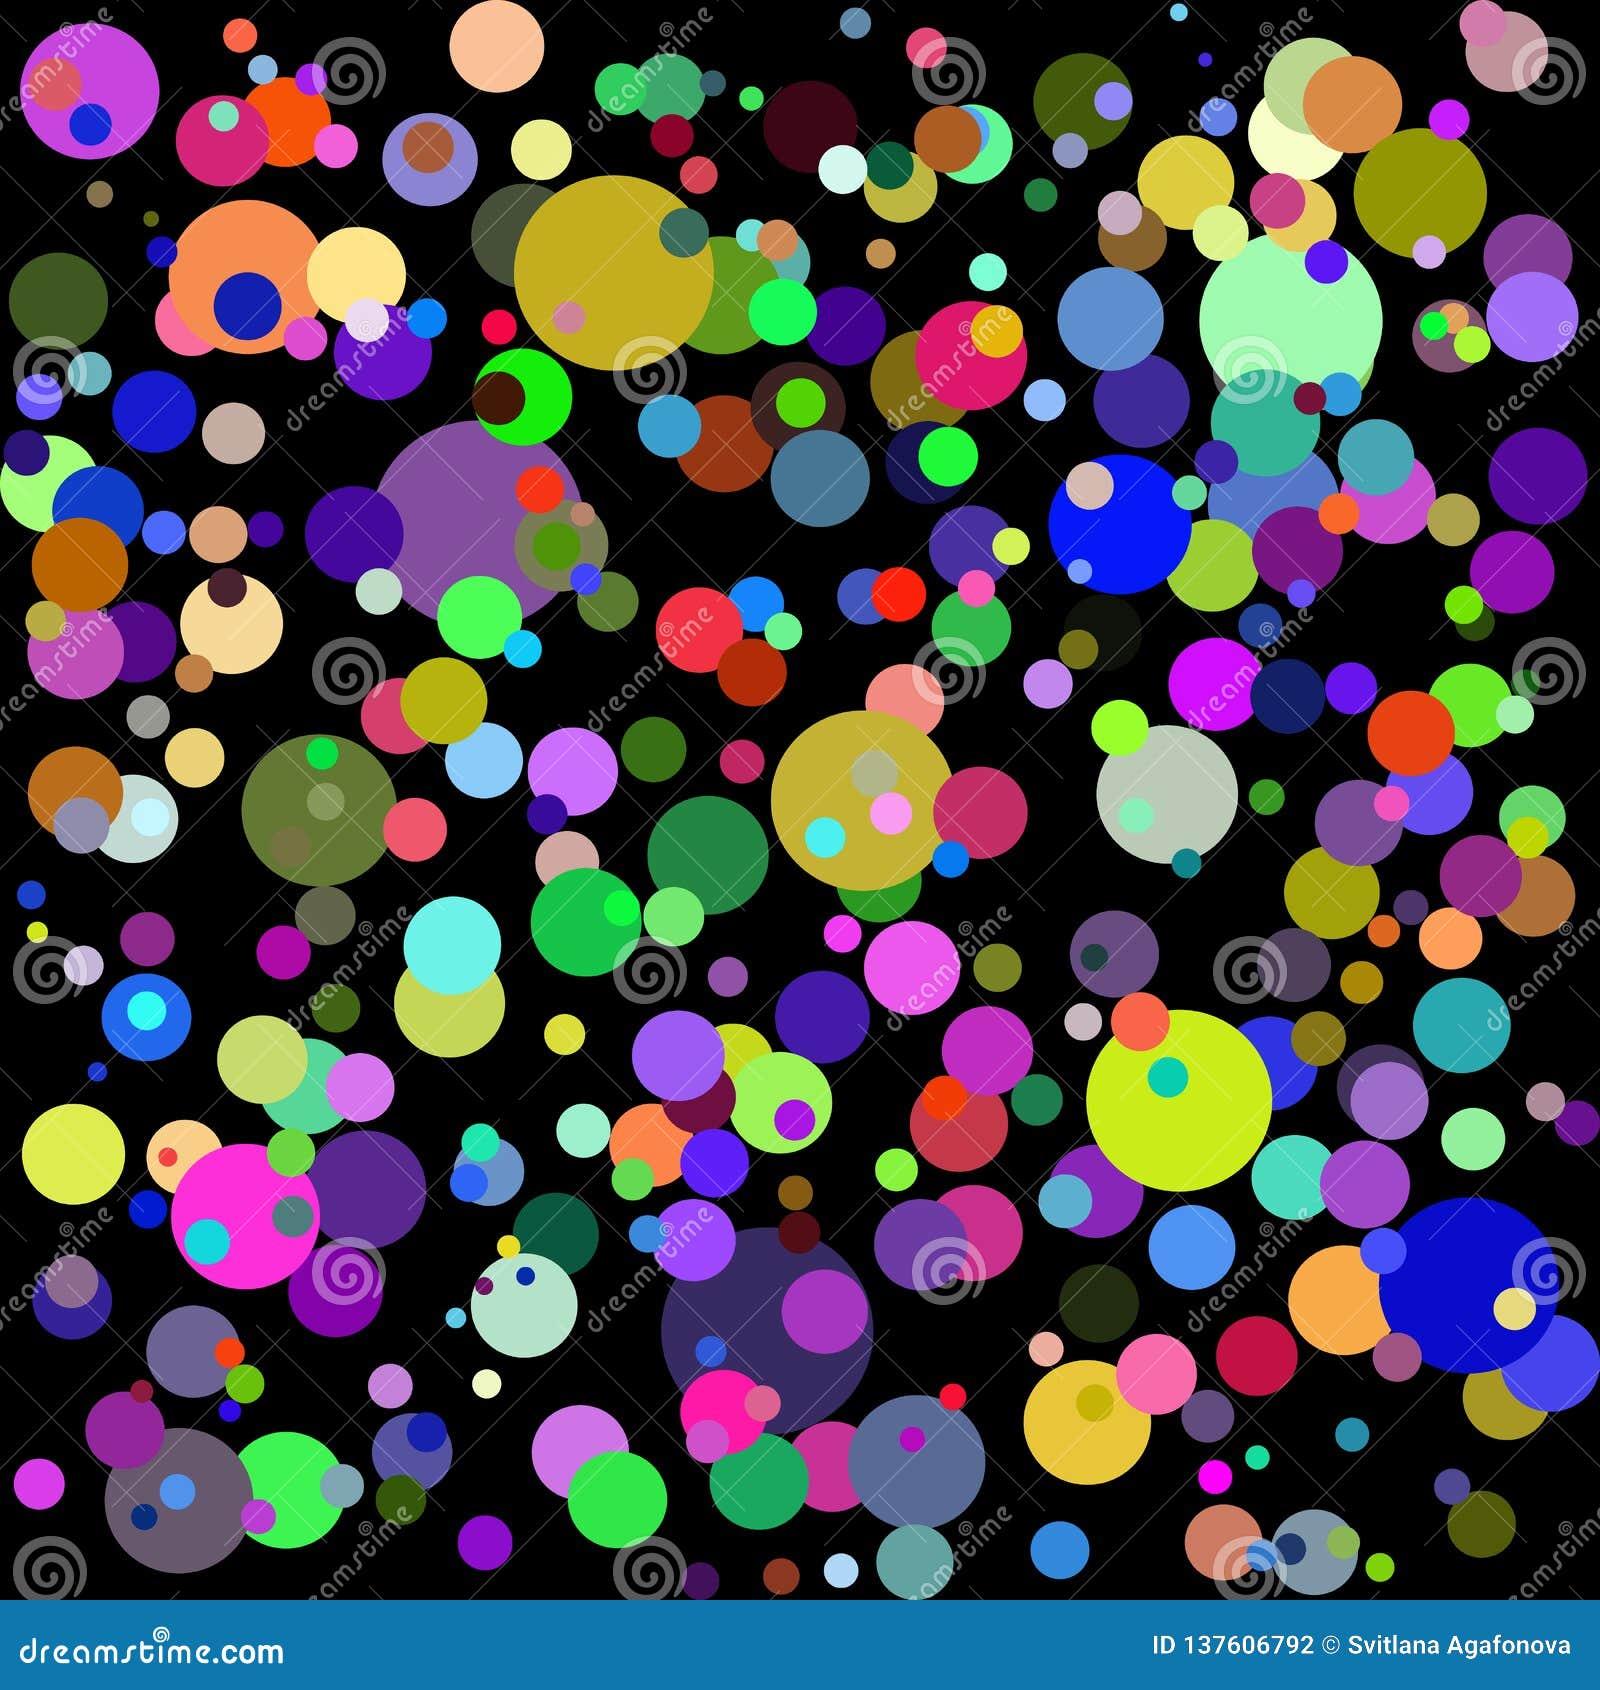 Kühler grafischer Mehrfarbenvektorzusammenfassungshintergrund; bunte Kreise auf schwarzem Hintergrund; kann für Tapeten, Fahnen v